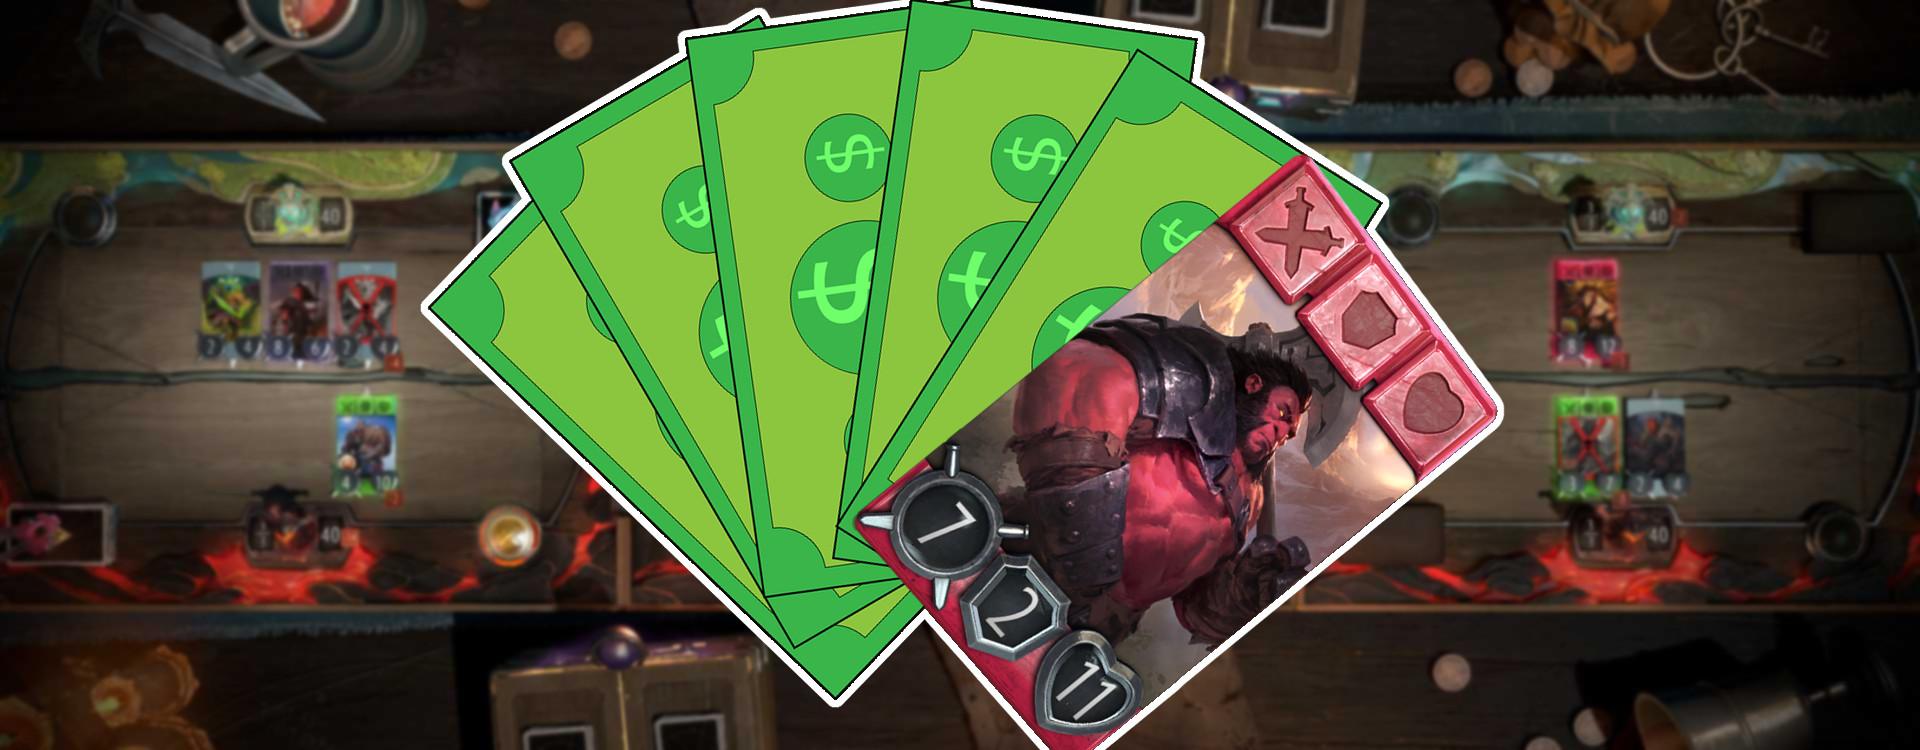 Wer vor 6 Monaten 300€ in Artifact-Karten investiert hat, besitzt jetzt Karten im Wert von 40$